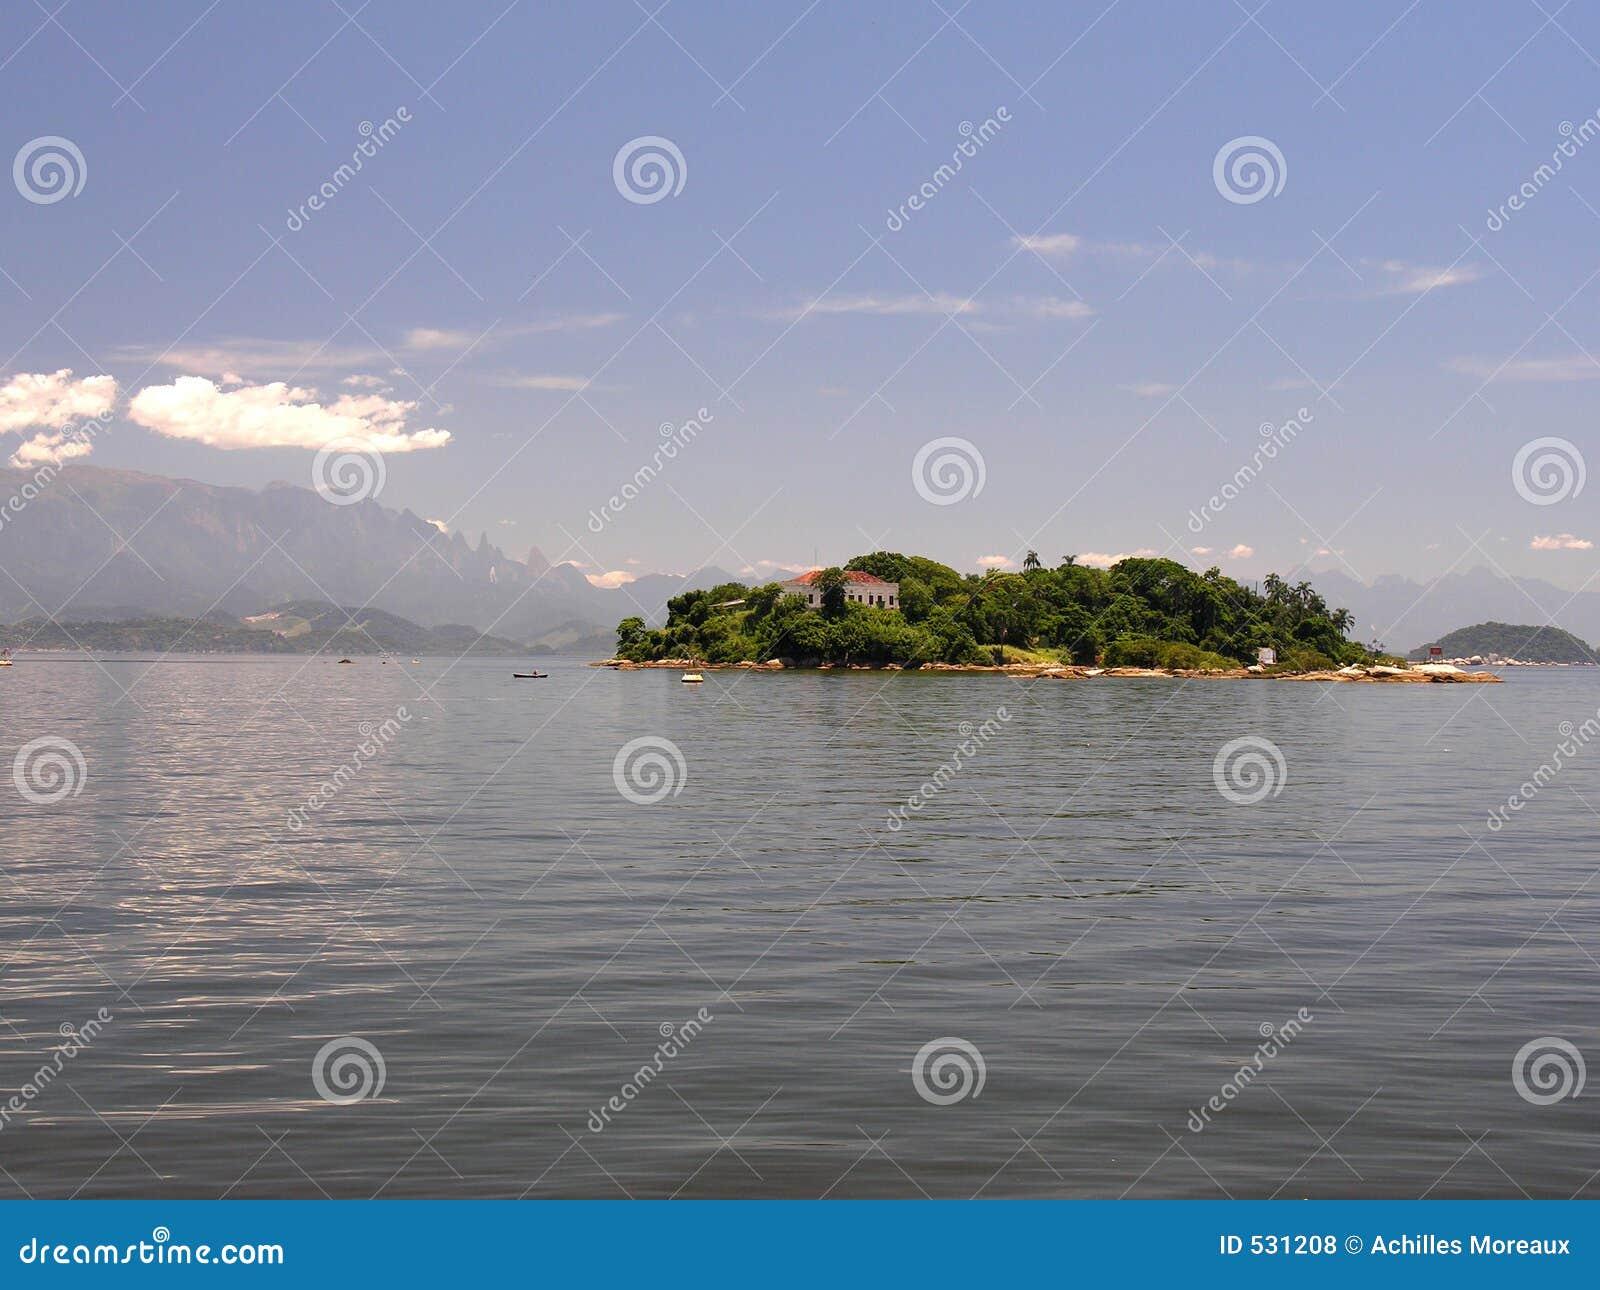 Download 海湾guanbara海岛 库存照片. 图片 包括有 本质, 外面, 室外, 海岛, 醉汉, 里约, 结构树, 安静 - 531208